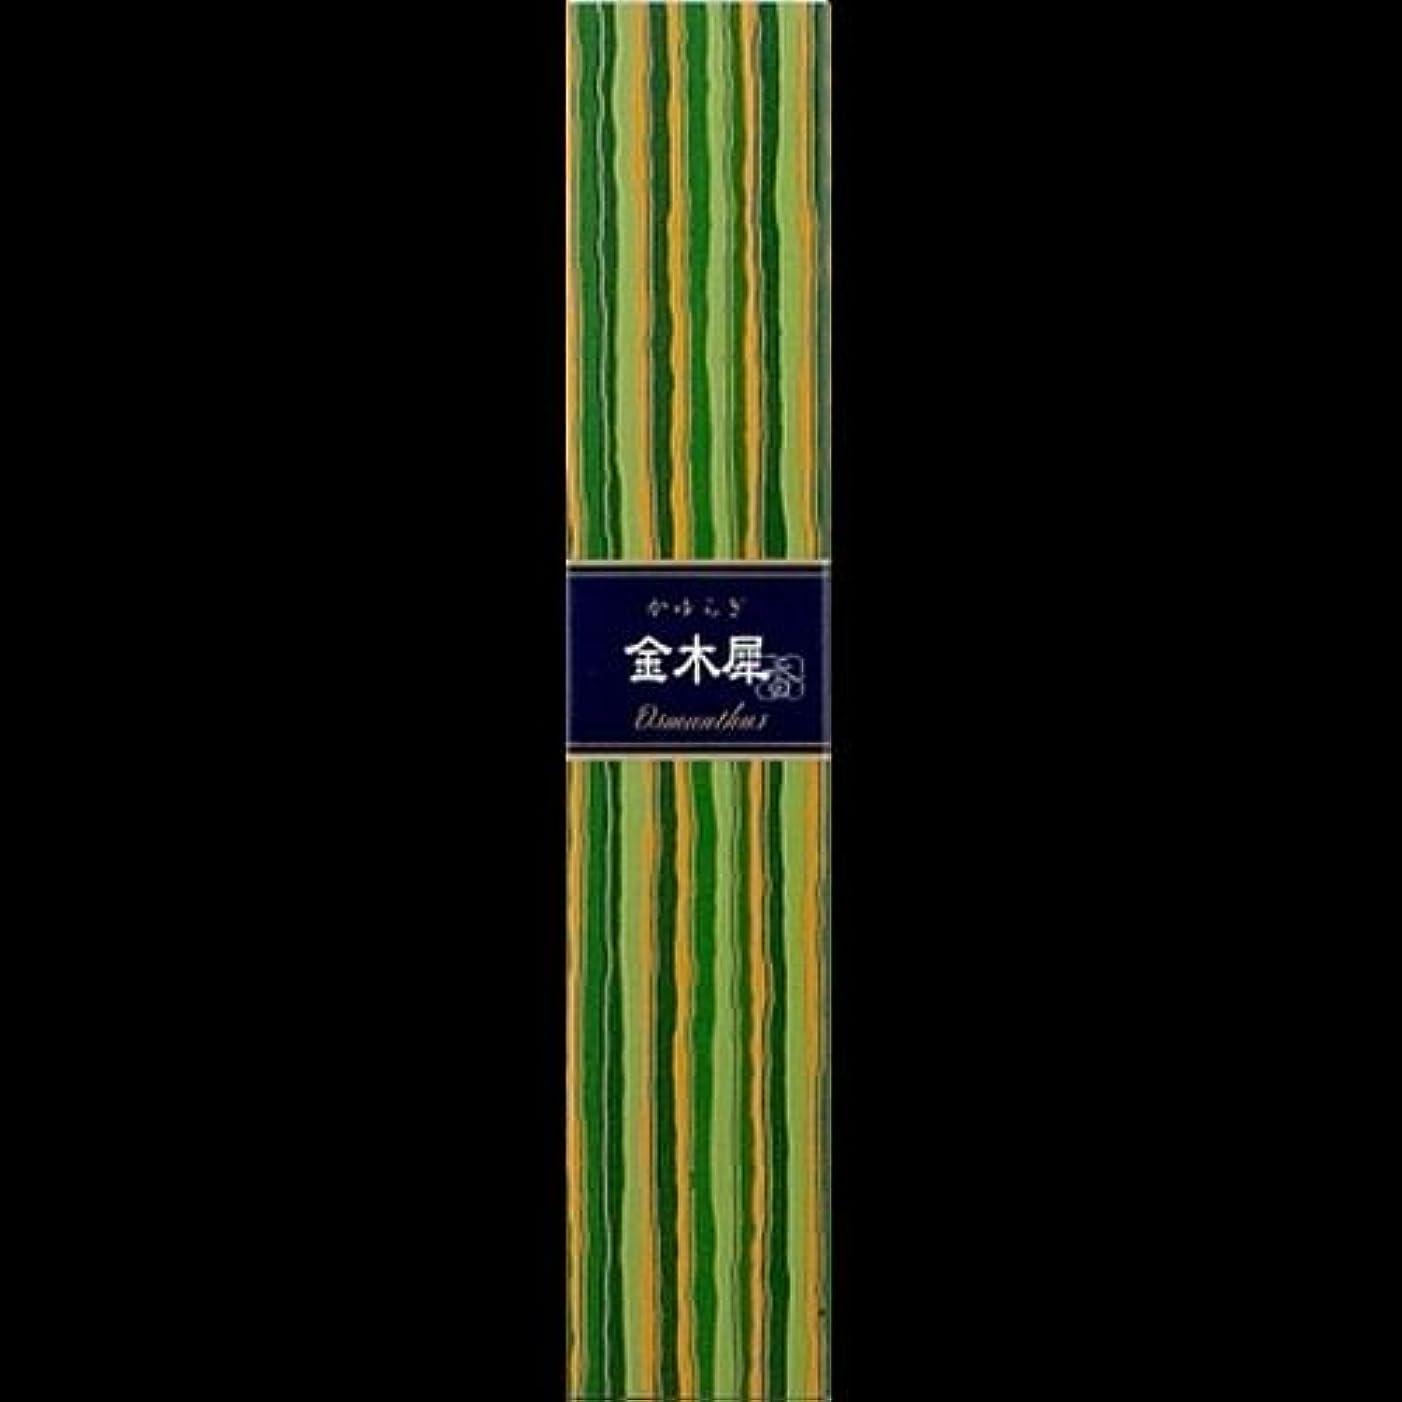 たまに背が高いコットン【まとめ買い】かゆらぎ 金木犀(きんもくせい) ×2セット